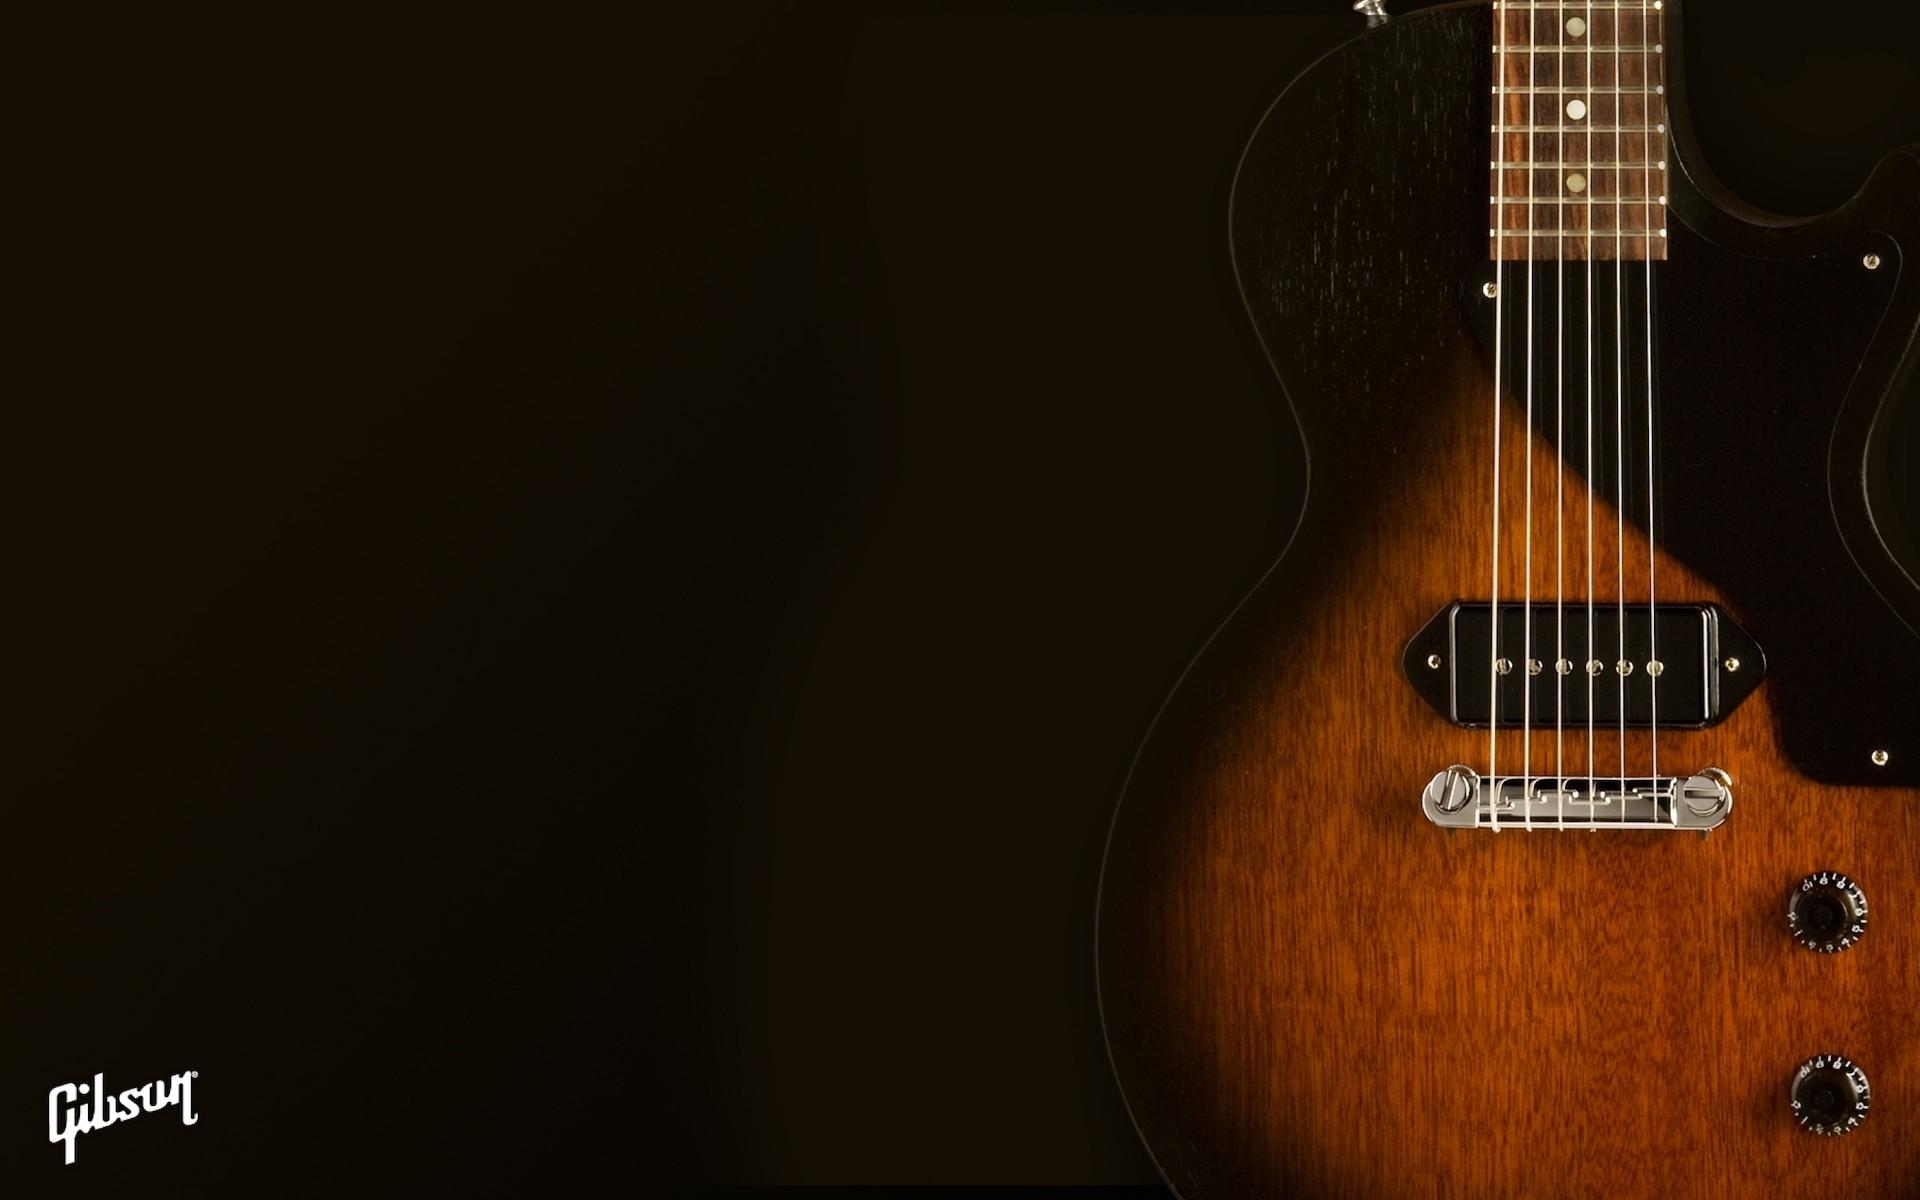 Gibson Guitar HD Wallpaper